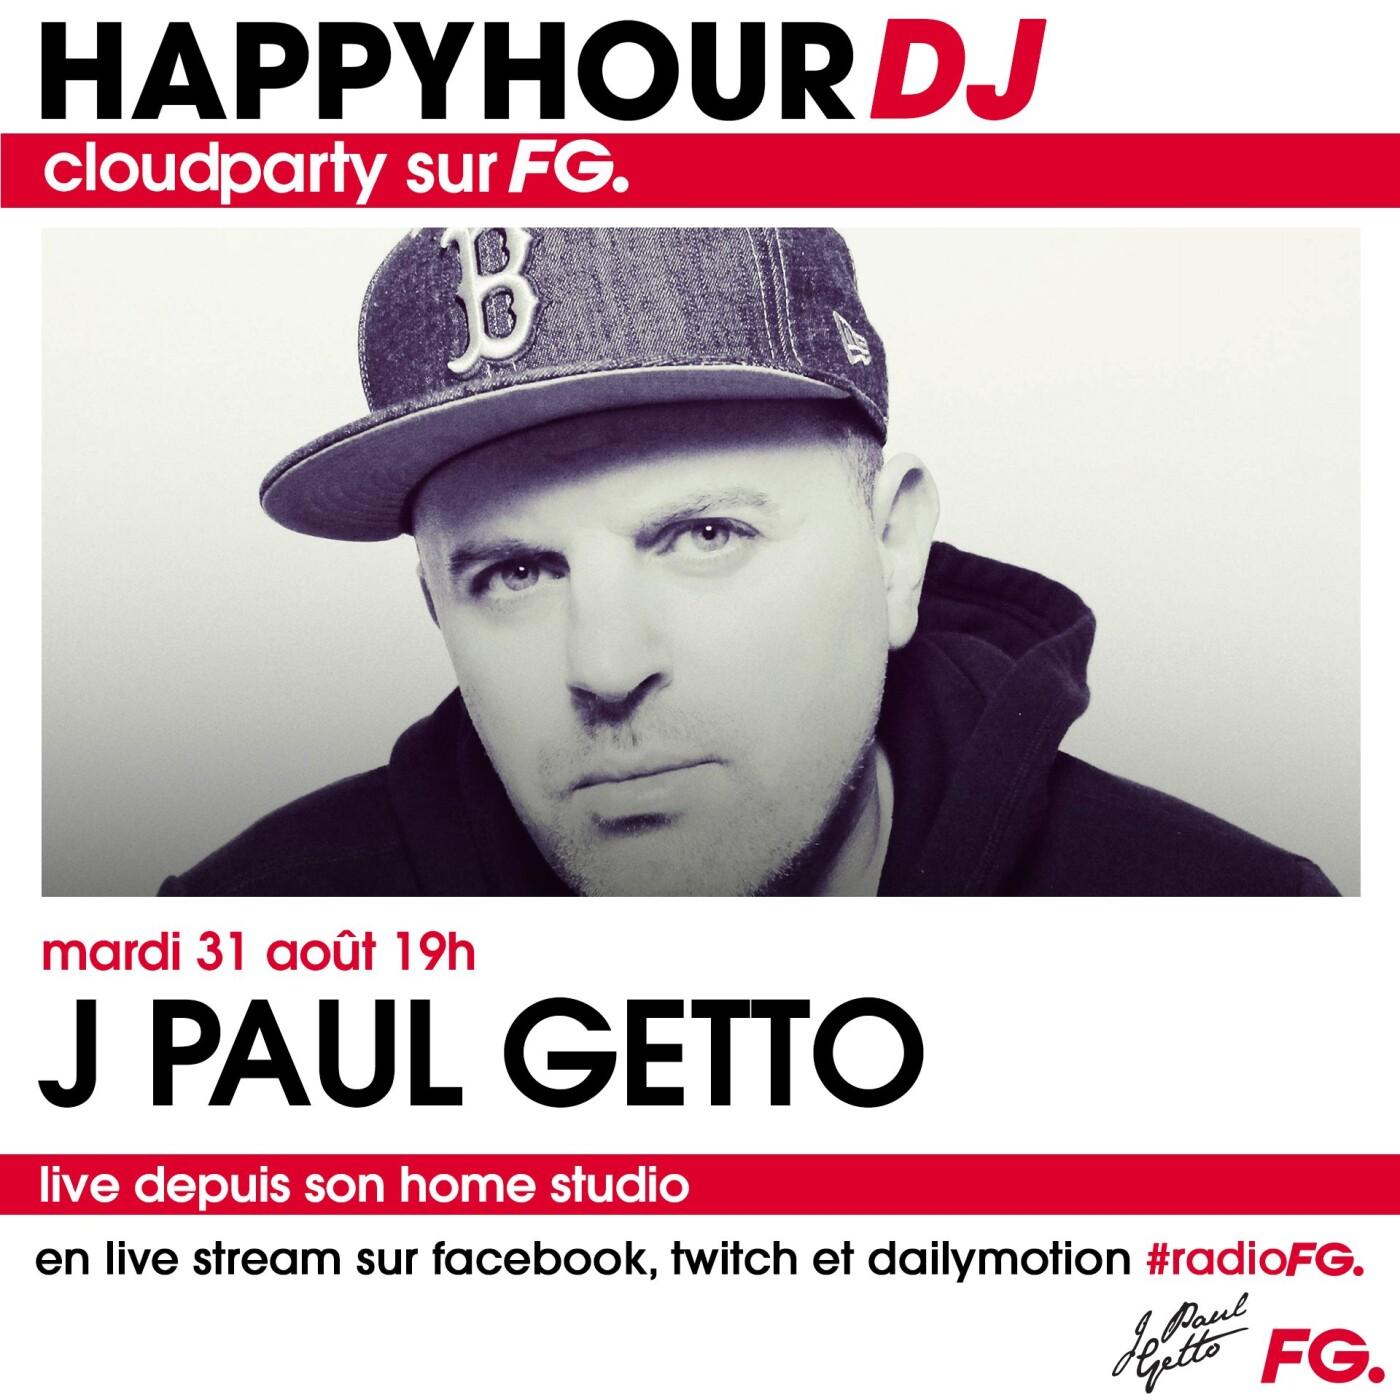 HAPPY HOUR DJ : J PAUL GETTO